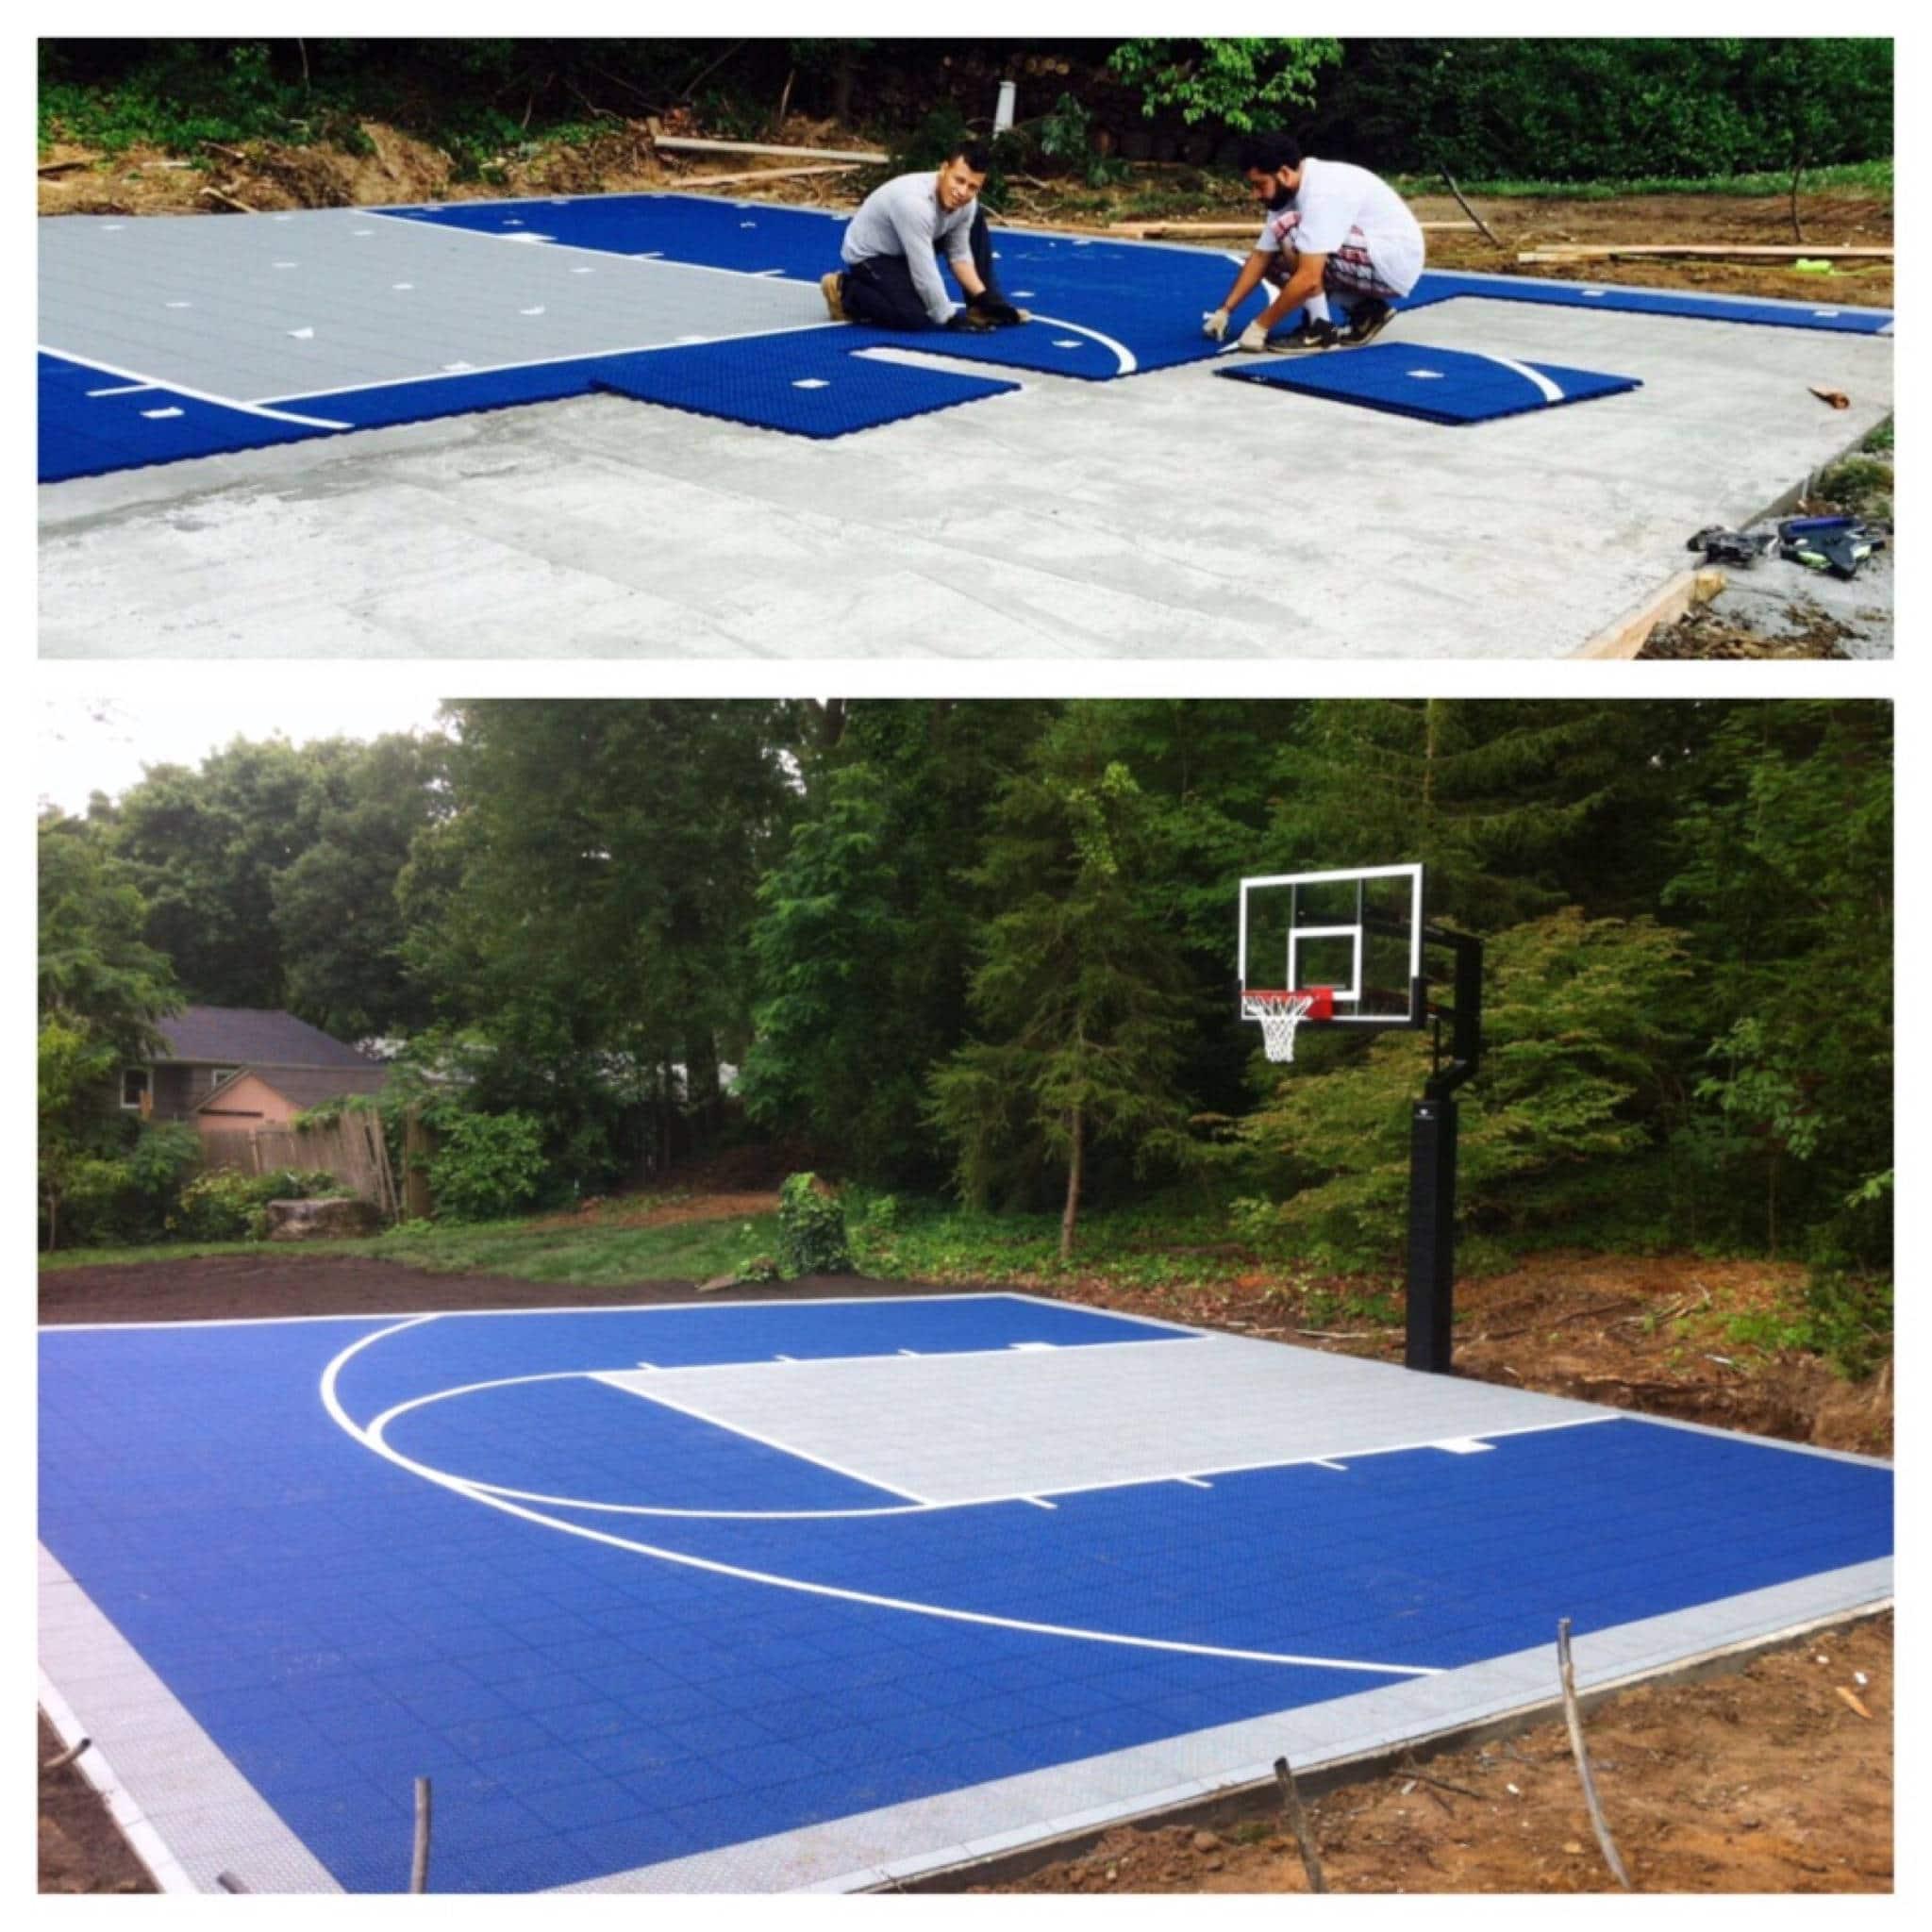 Versa basketball court built in setauket long island by for Built in basketball court